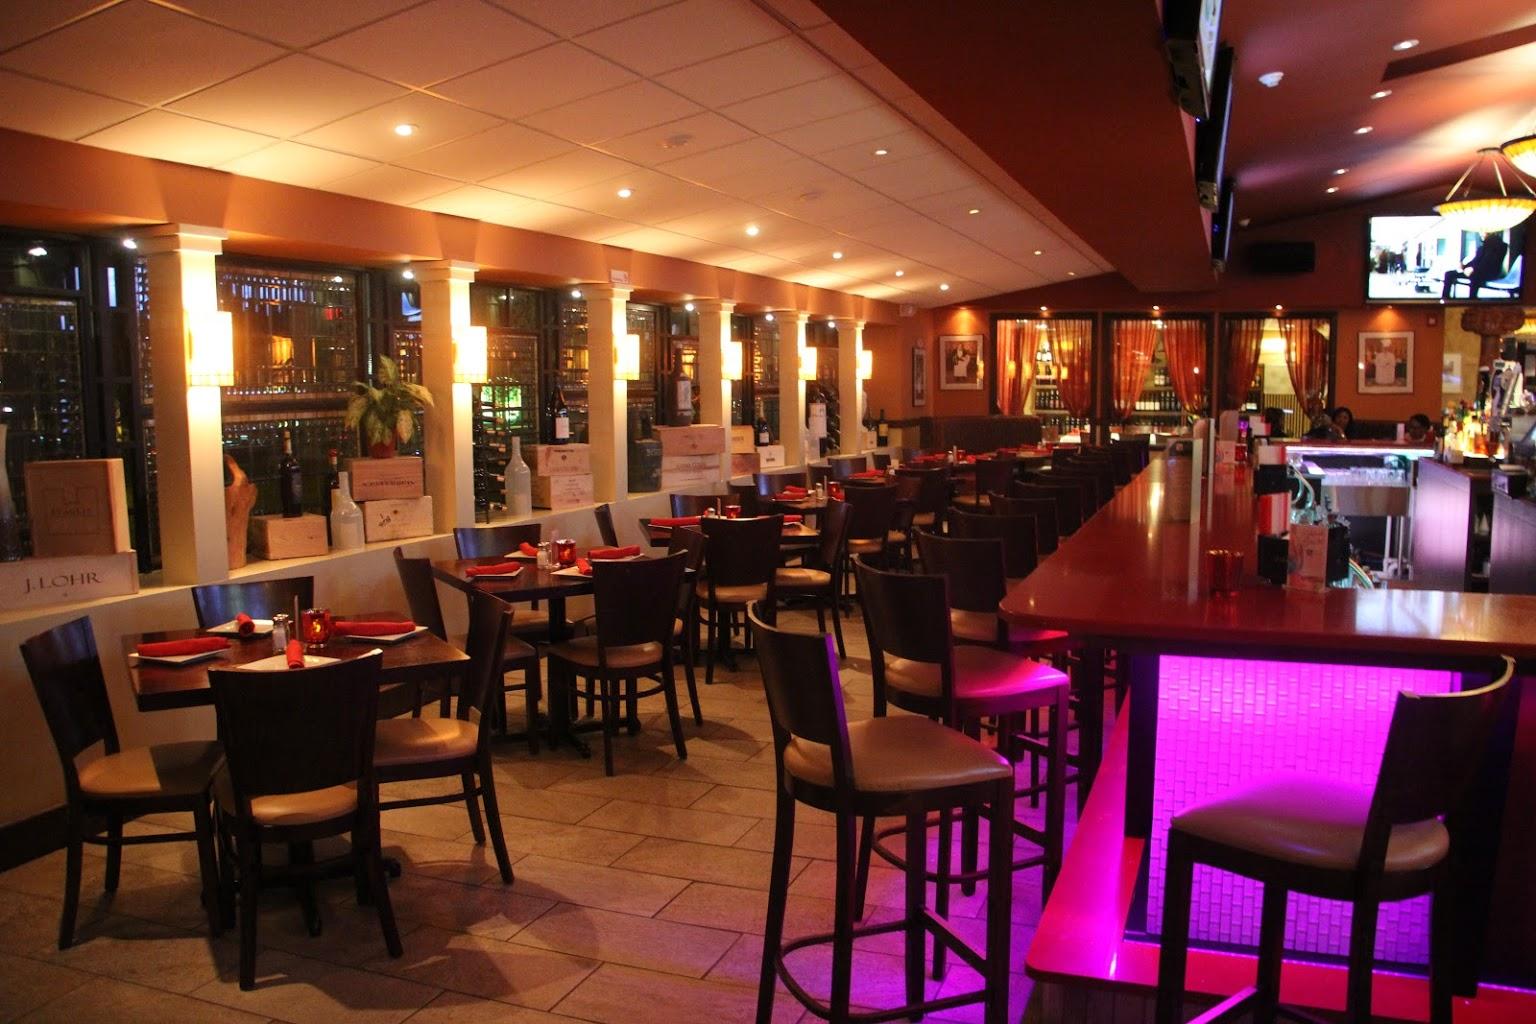 bar Pasta Vino Italian Restaurant, Berlin, NJ